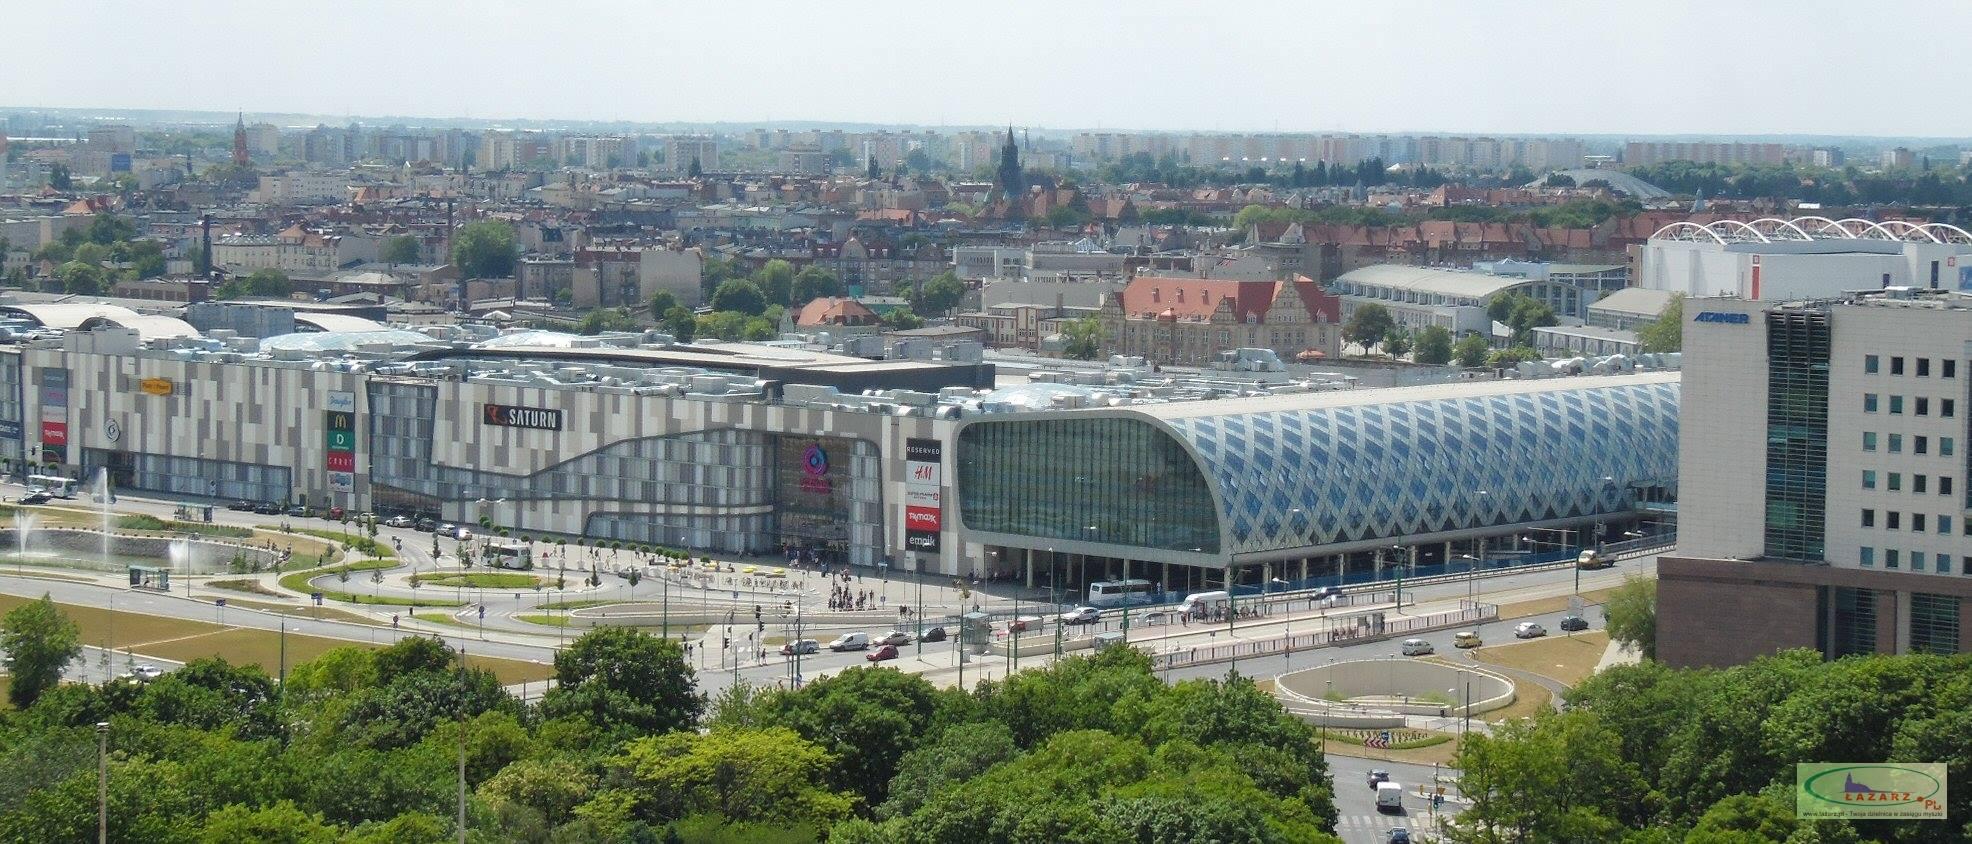 Avenida zastąpi City Center .:LAZARZ.PL >poznański portal